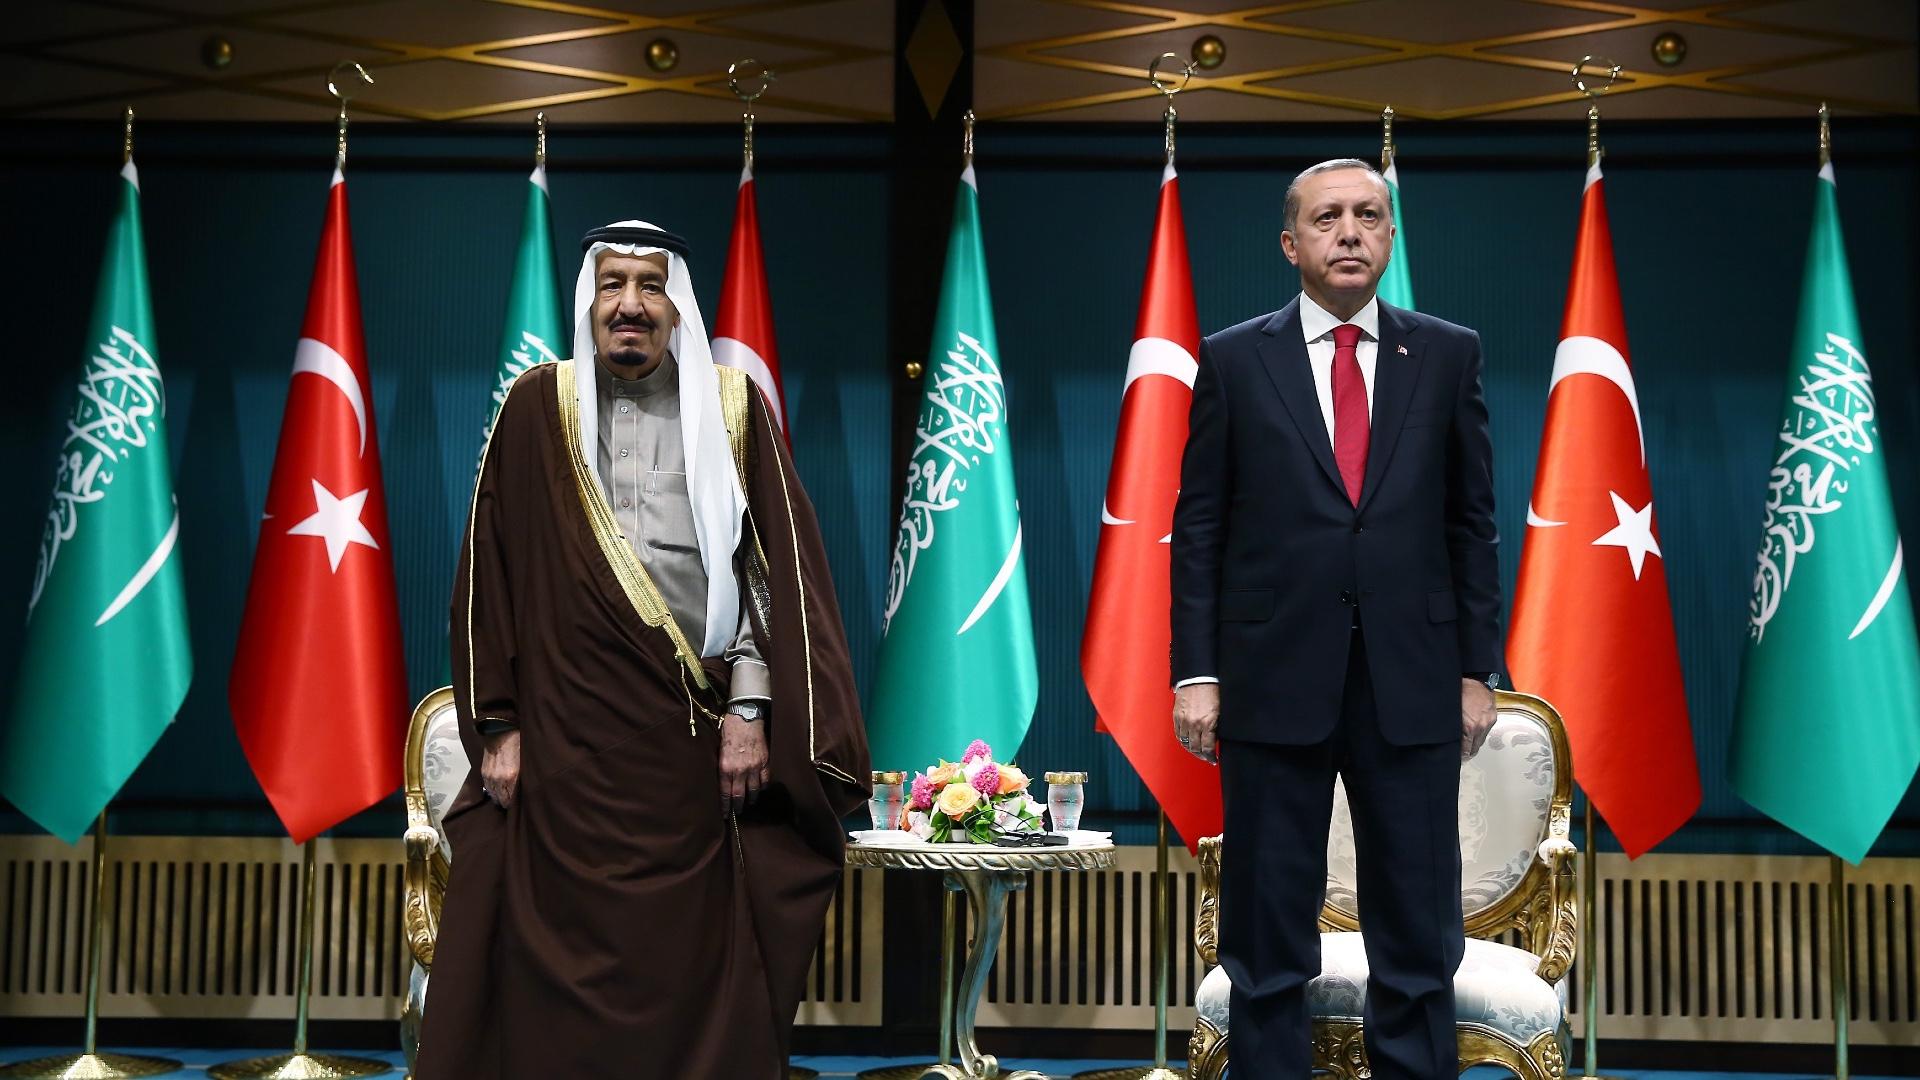 صورة بعد المصالحة.. منزلة مرموقة تنتظر تركيا في الخليج وأنقرة تبدأ خطوة كبرى